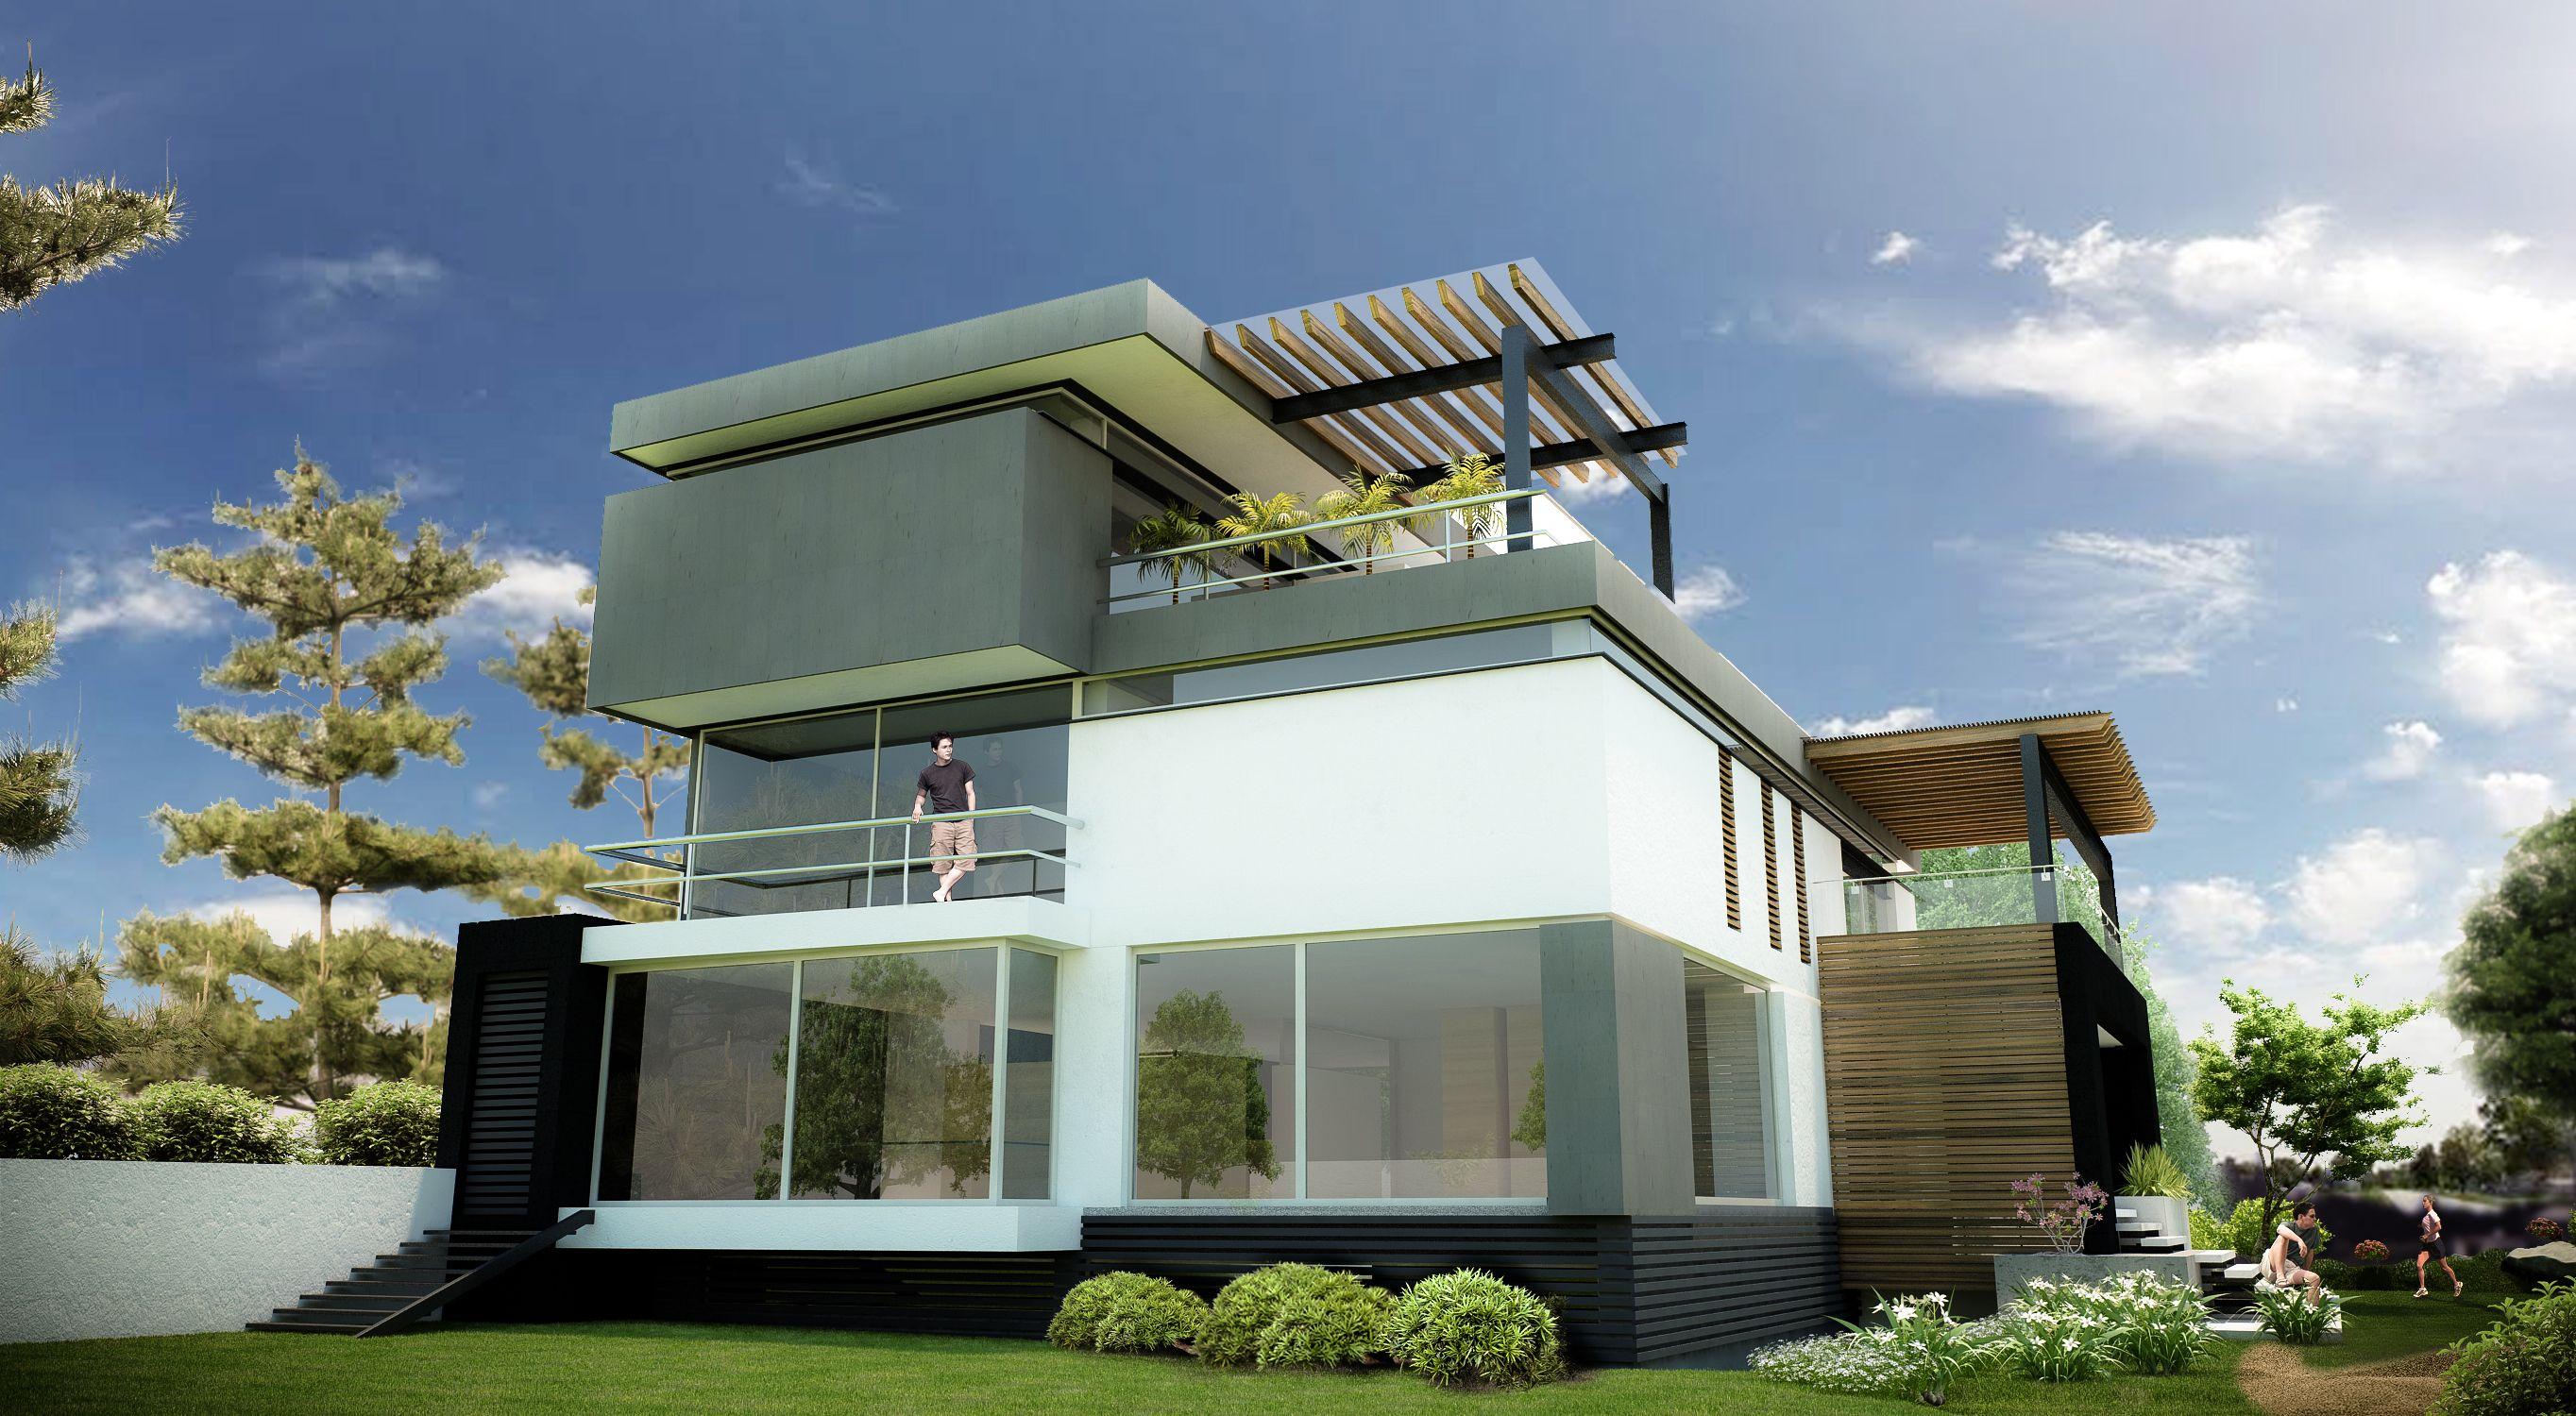 La casa 7 un dise o plastico de tendencia minimalista for Tendencia minimalista arquitectura